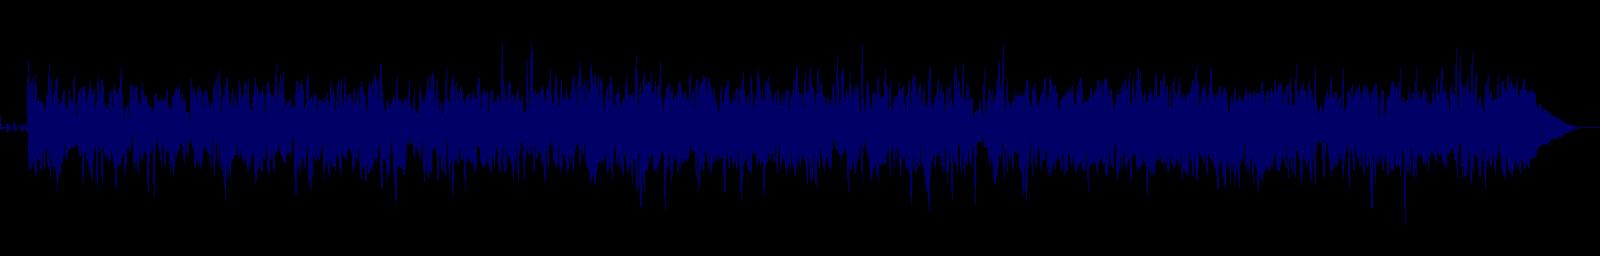 waveform of track #136820